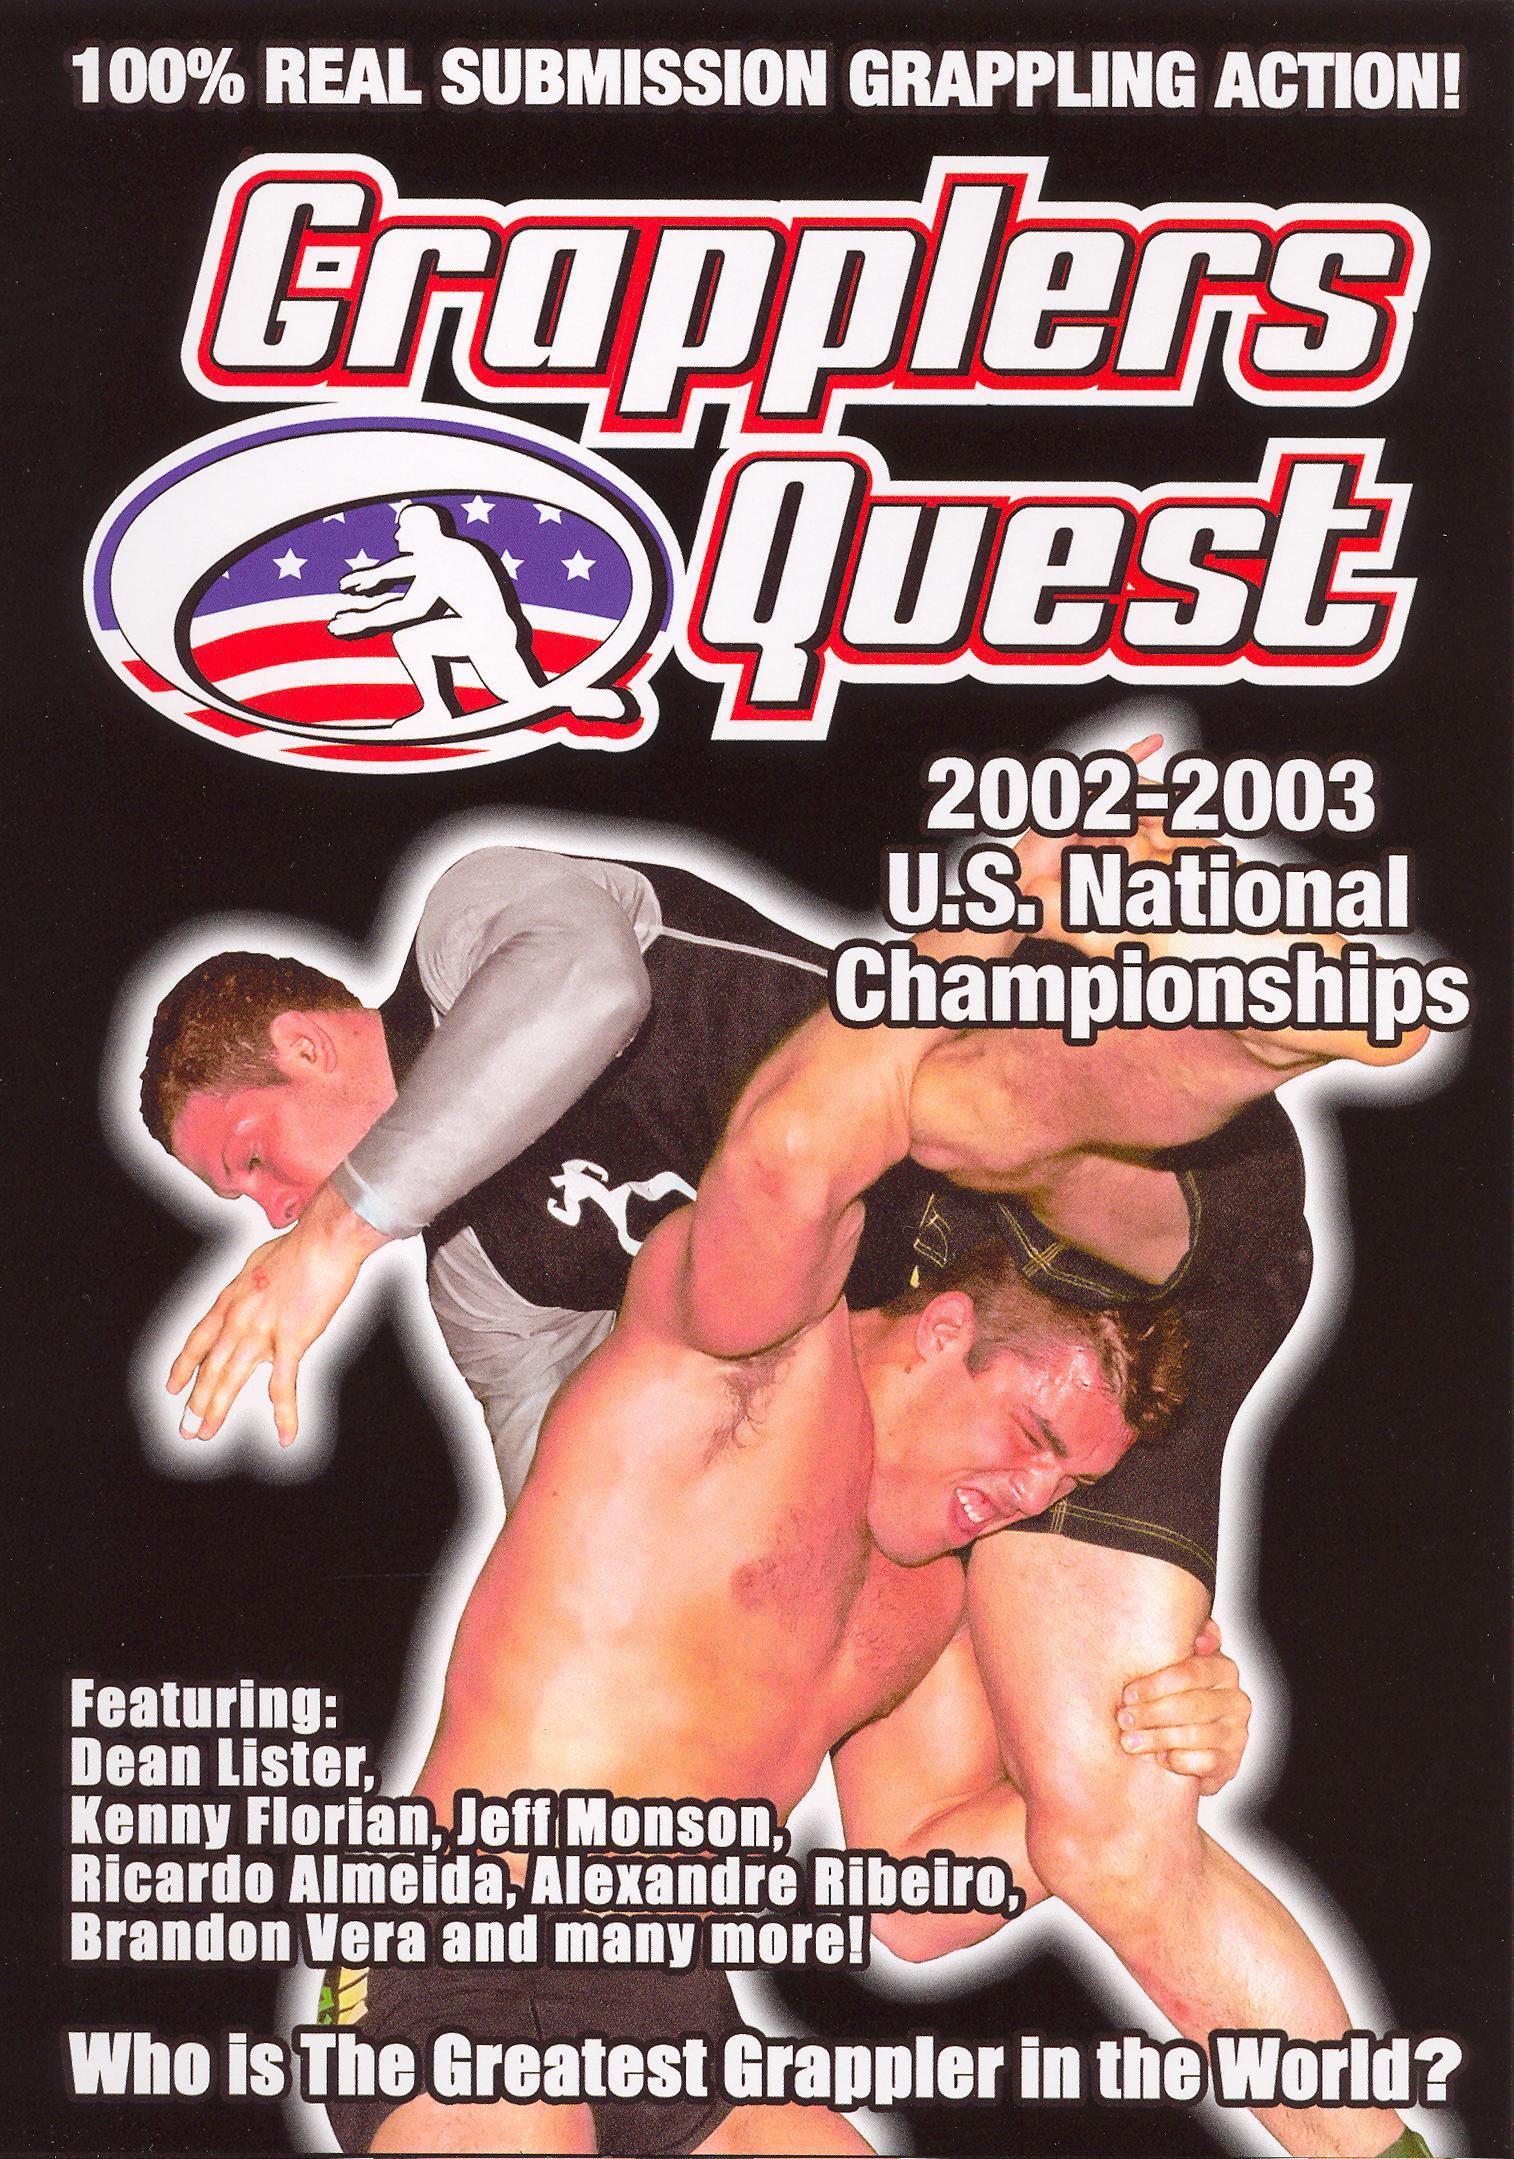 Grapplers Quest: 2002-2003 U.S. Nationals